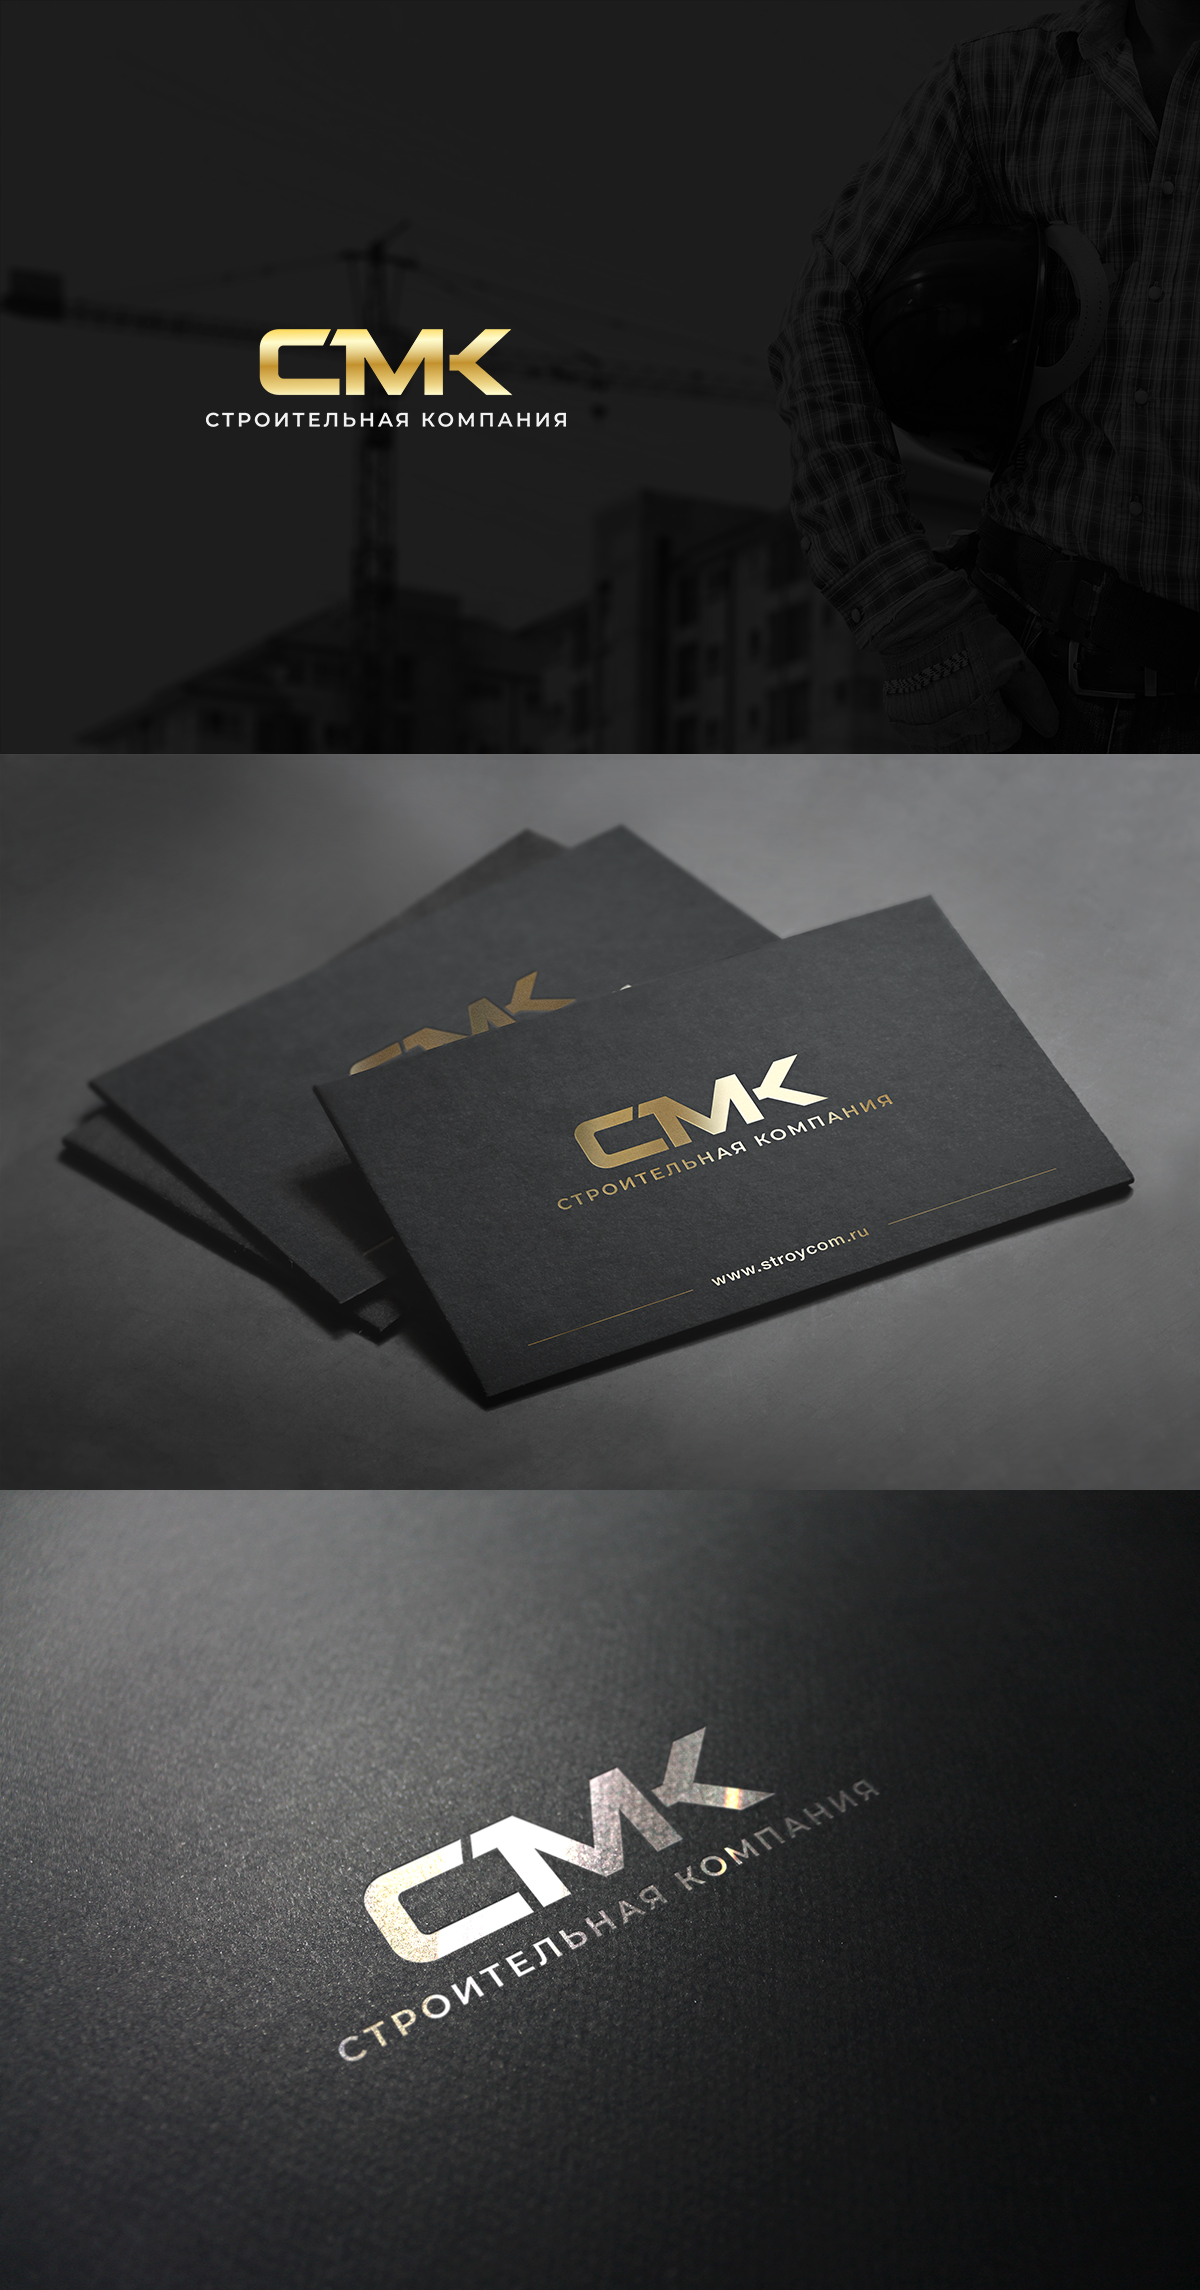 Разработка логотипа компании фото f_9905de14b6d9087f.jpg